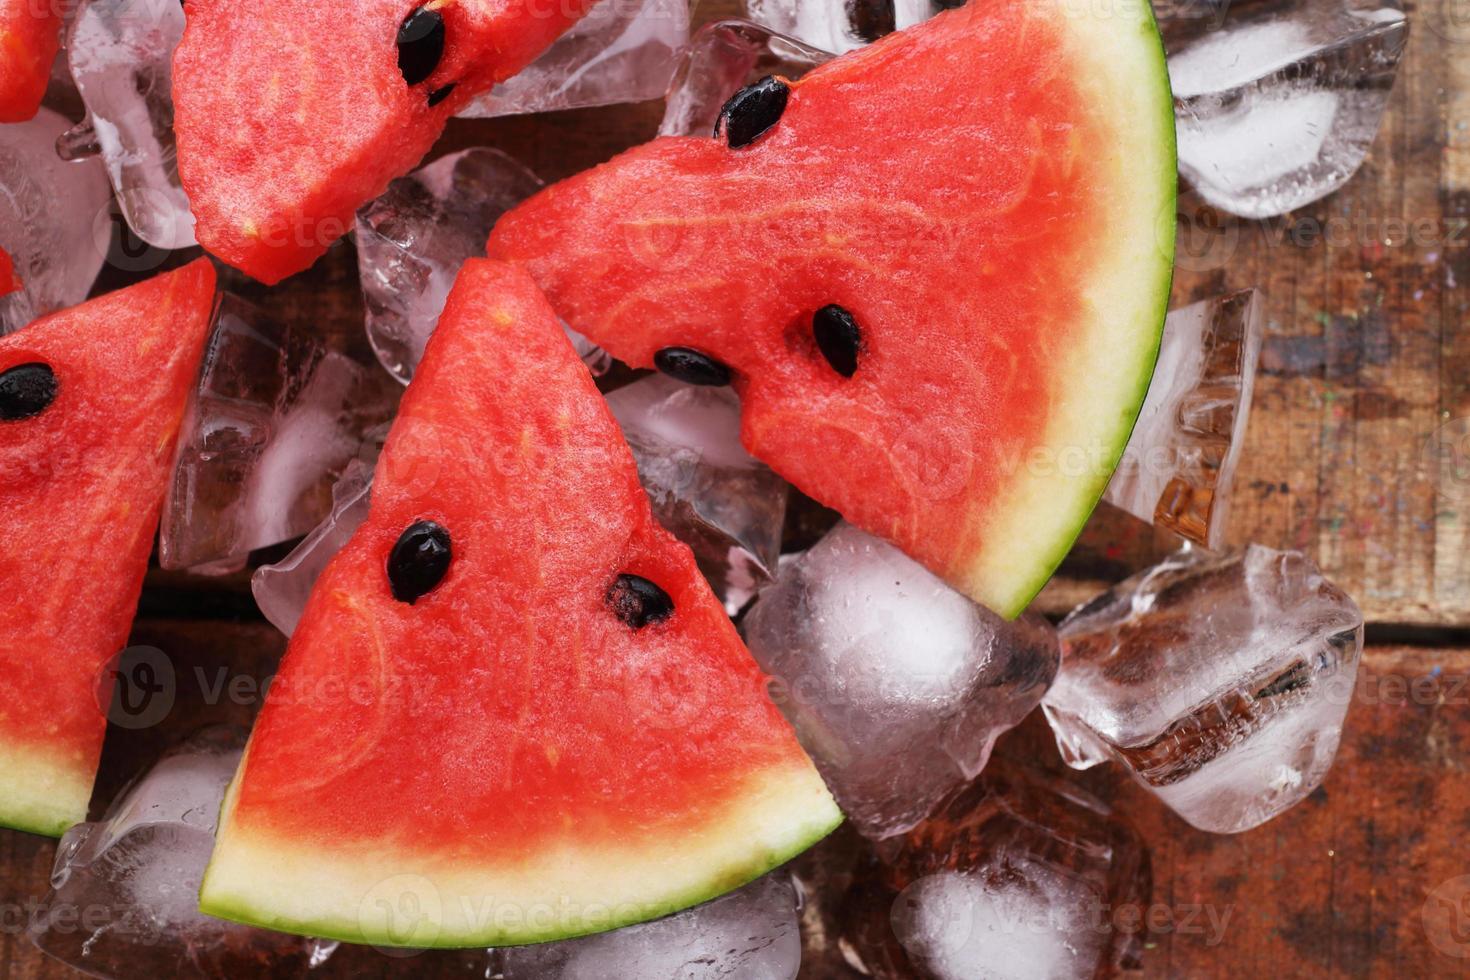 sandía paletas delicioso verano fresco fruta dulce postre foto